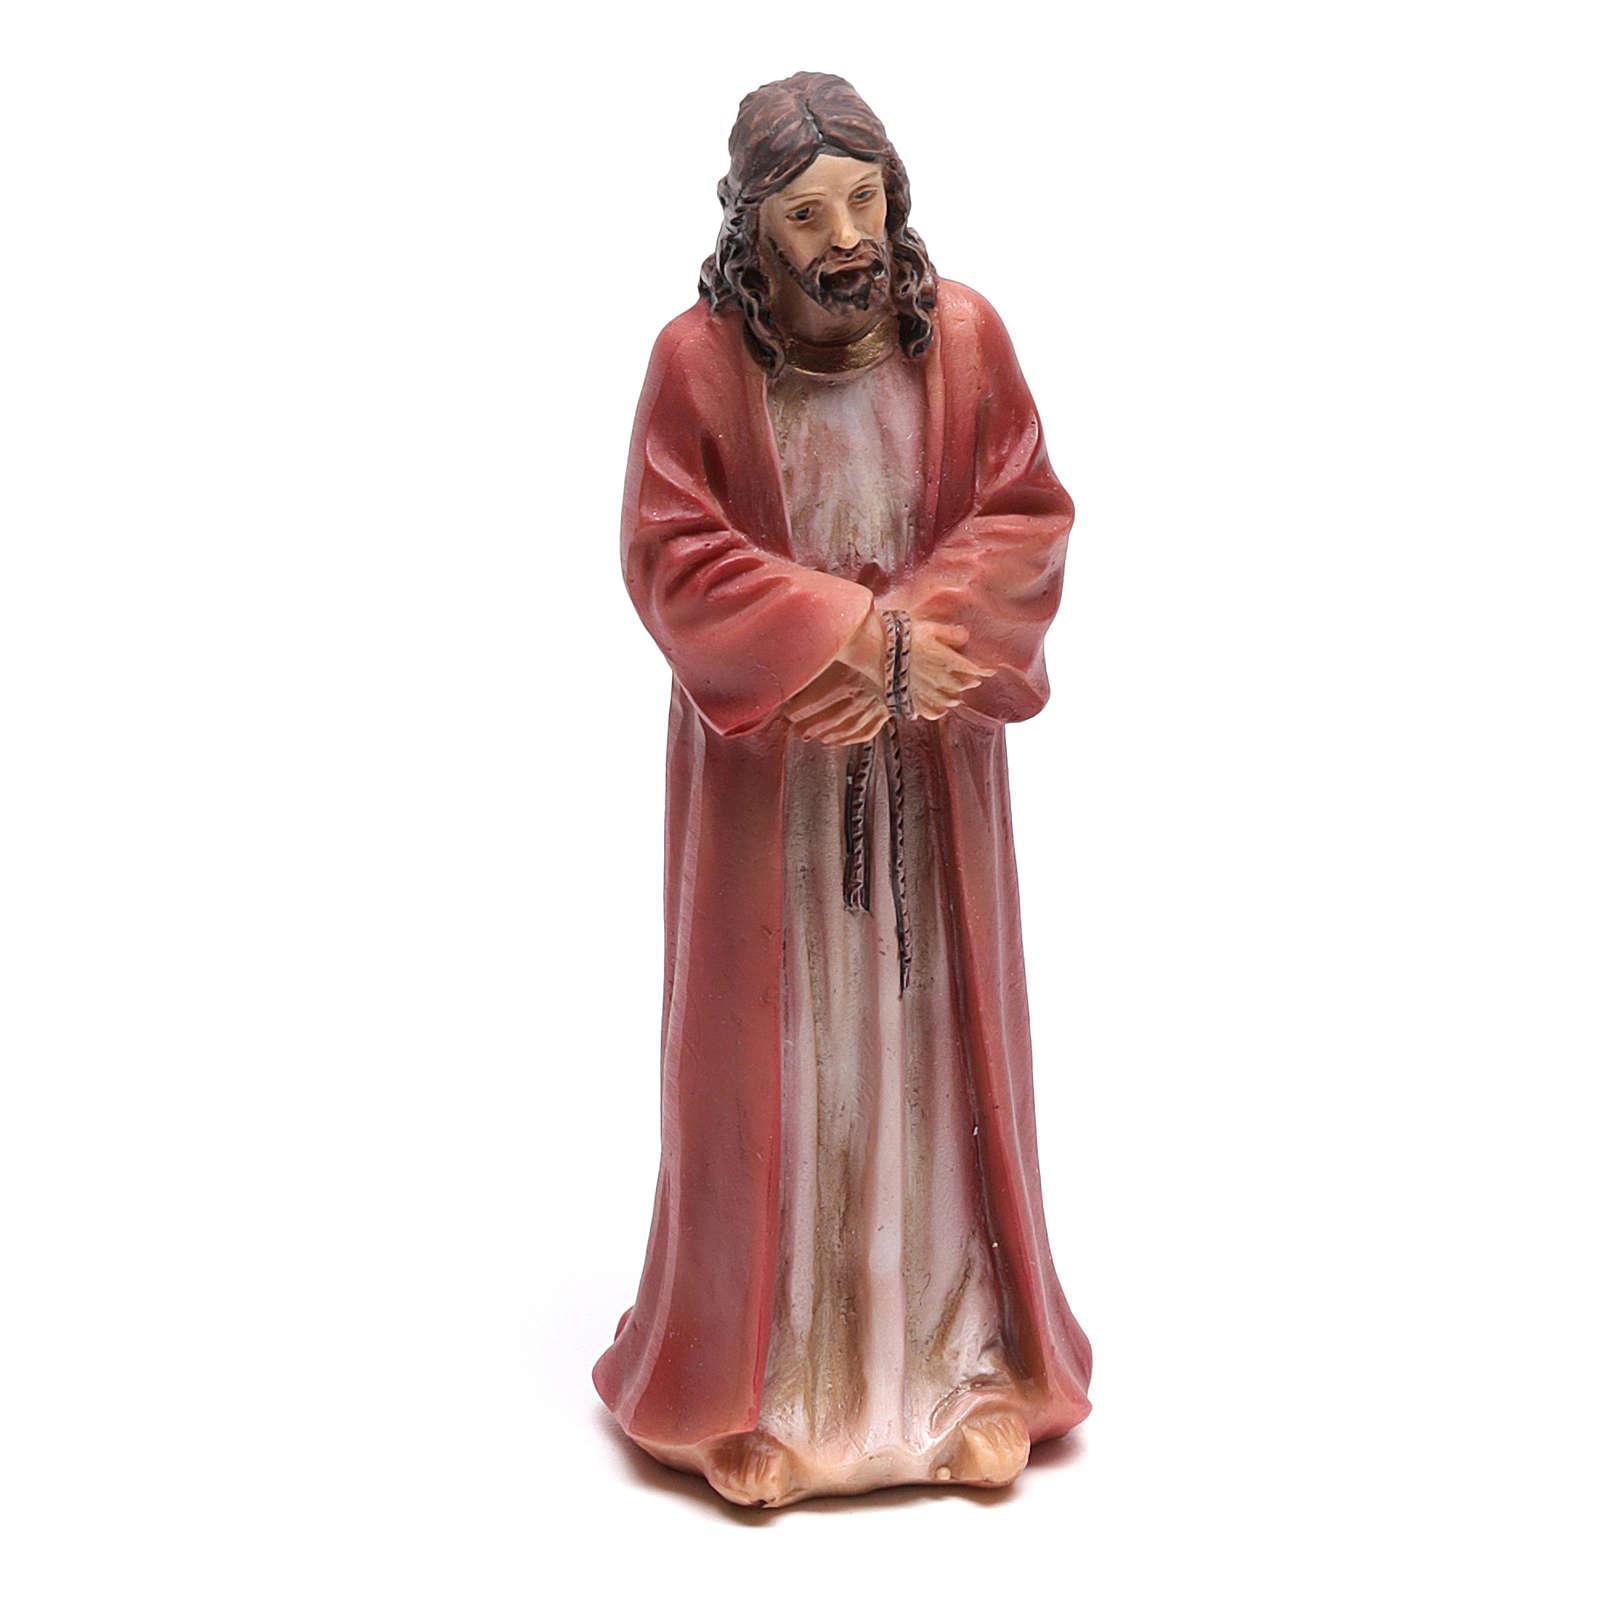 Scène vie de Christ condamnation de Jésus 9 cm 4